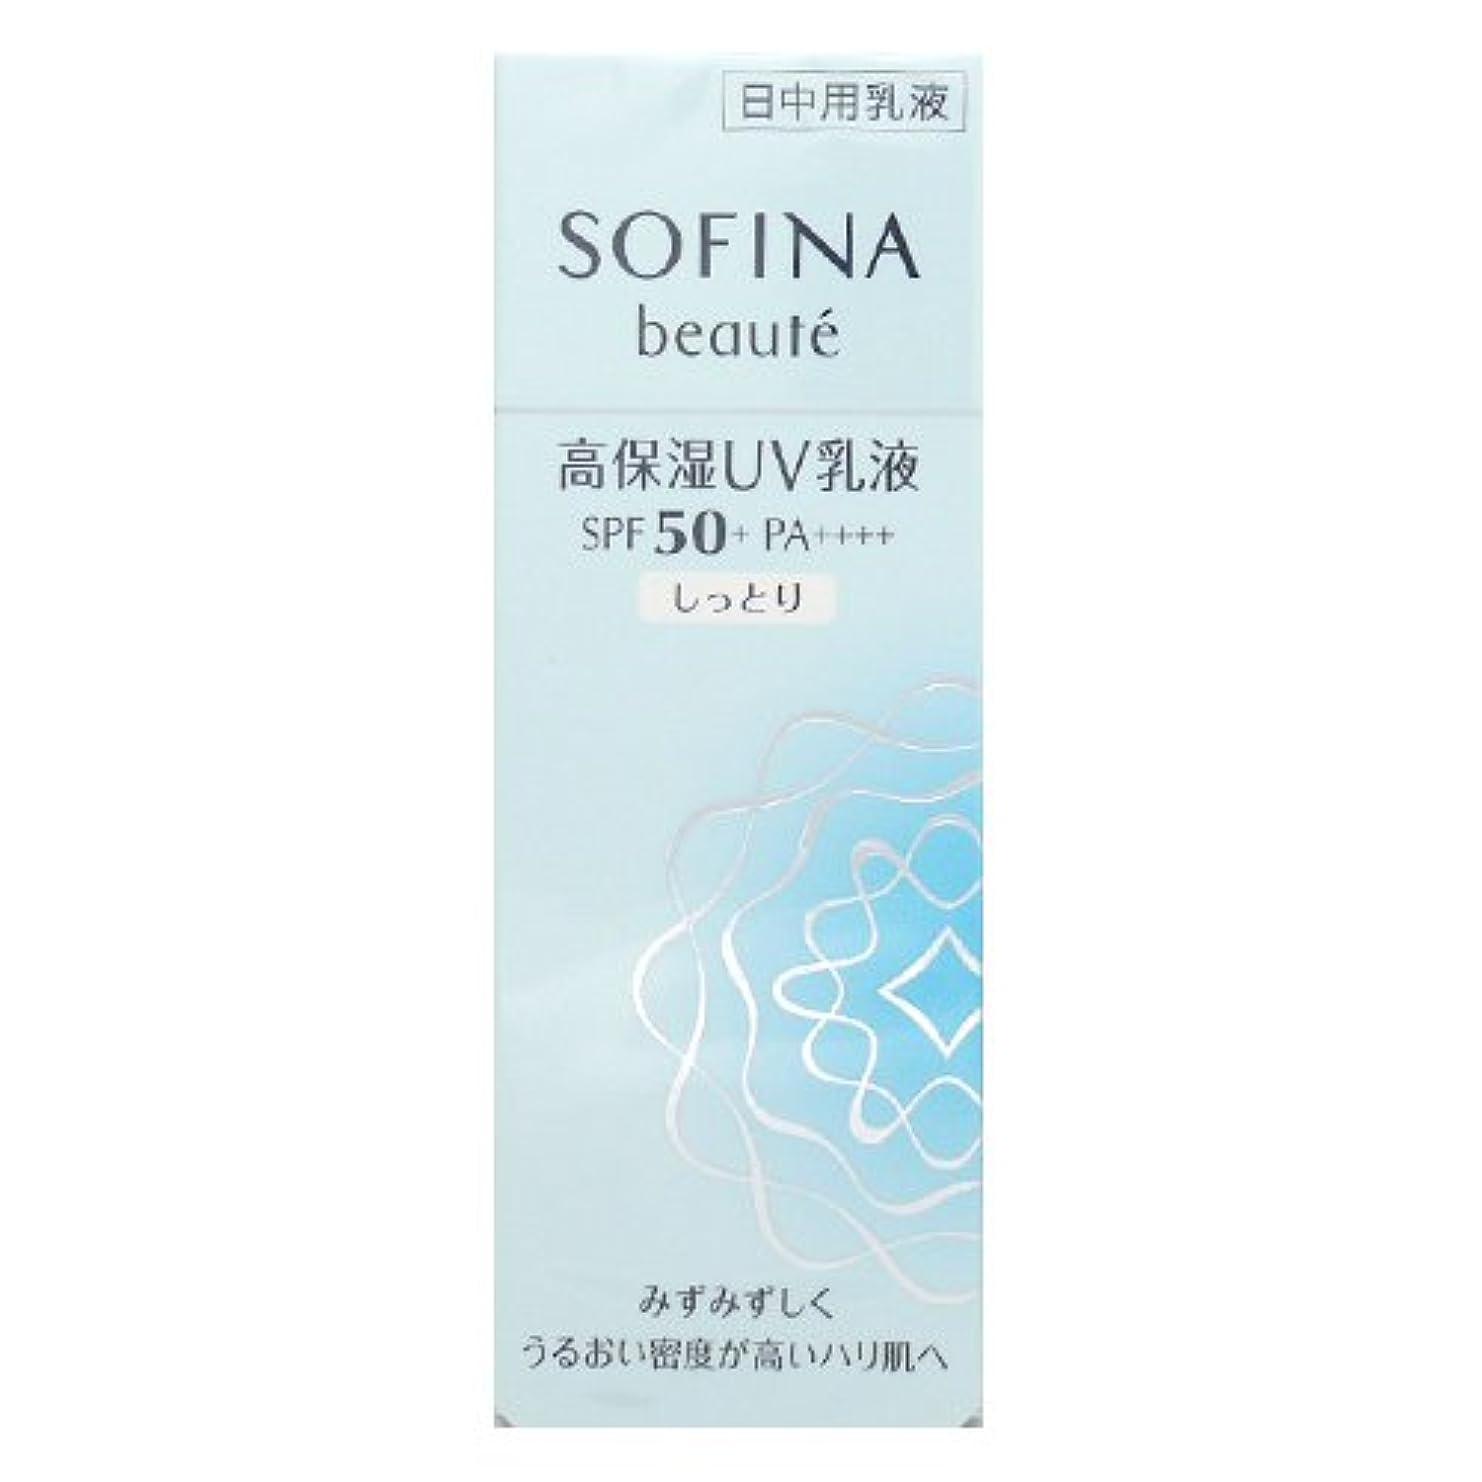 発症電話するペニー花王 ソフィーナ ボーテ 高保湿UV乳液 SPF50+ PA++++ しっとり 30g